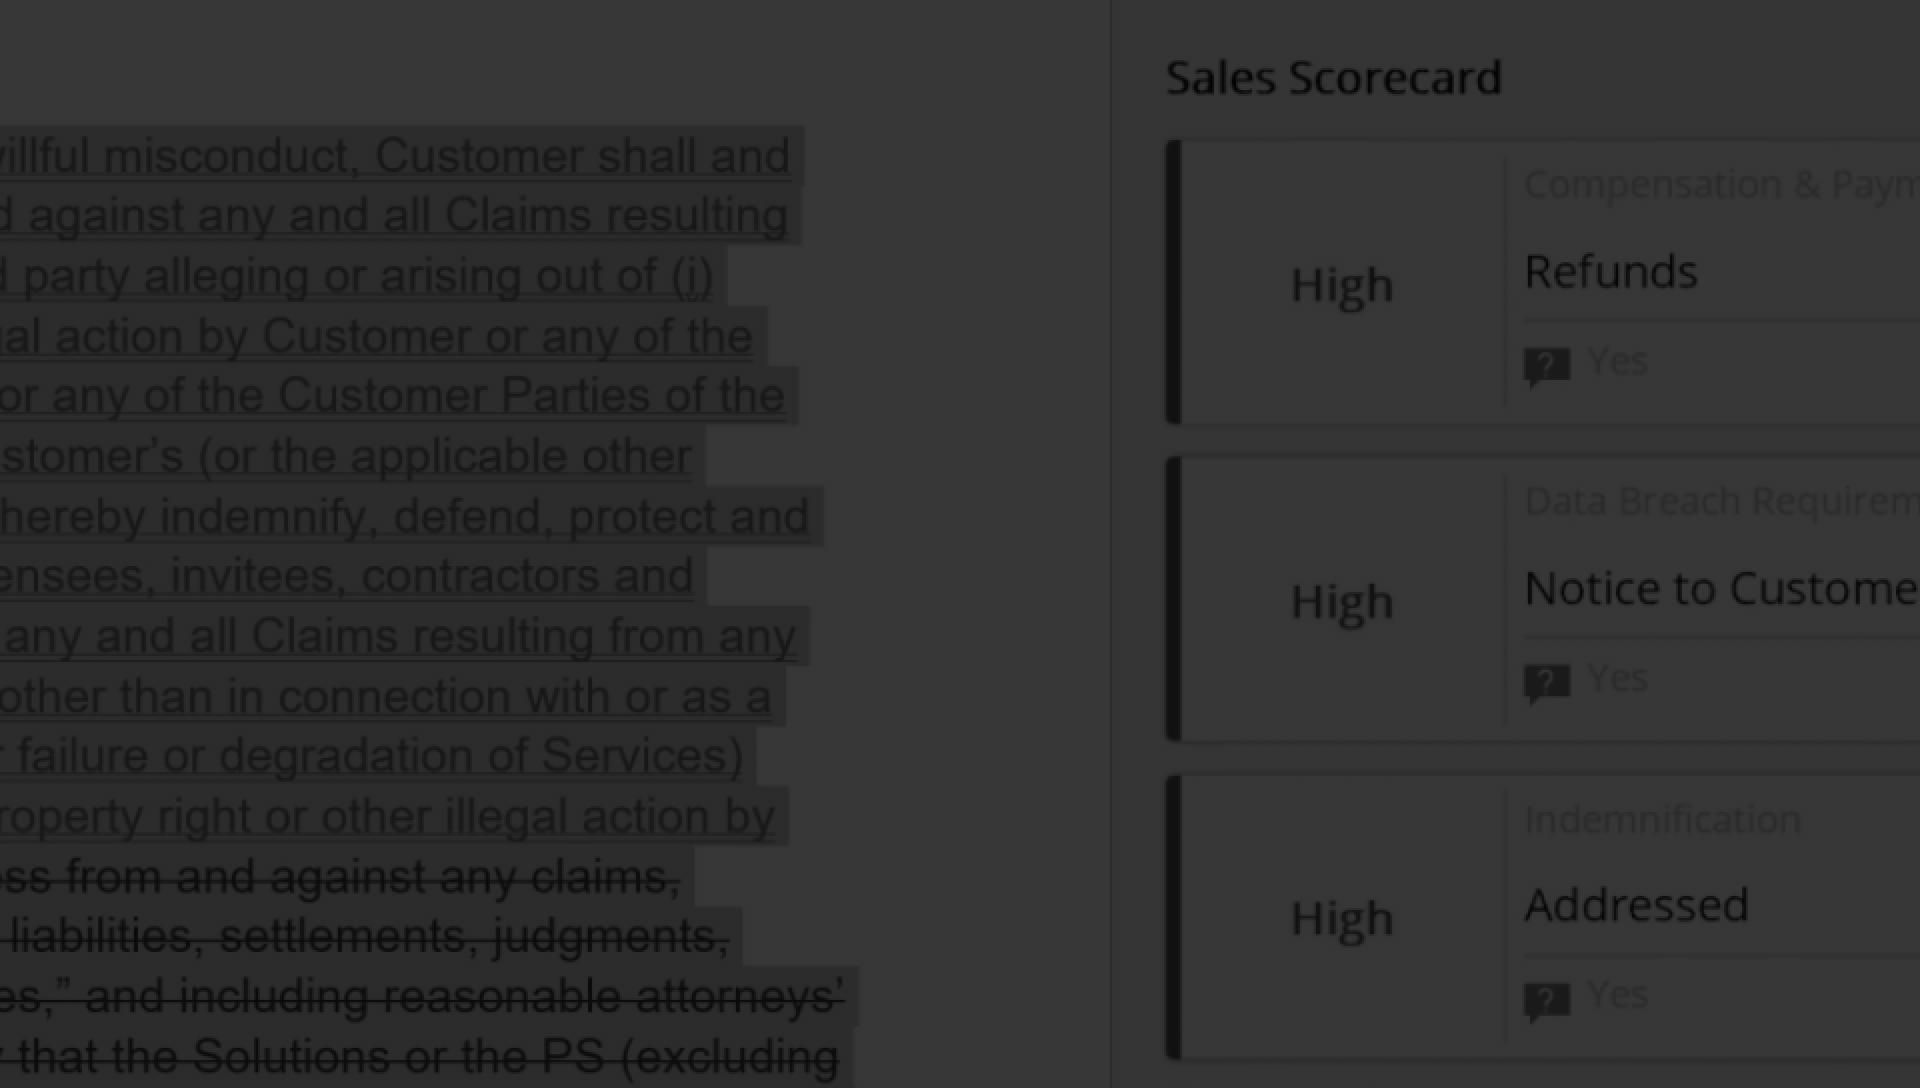 Eine Scorecard vom Vertrieb wird während der Vertragsanalyse mit DocuSign Analyzer angezeigt.